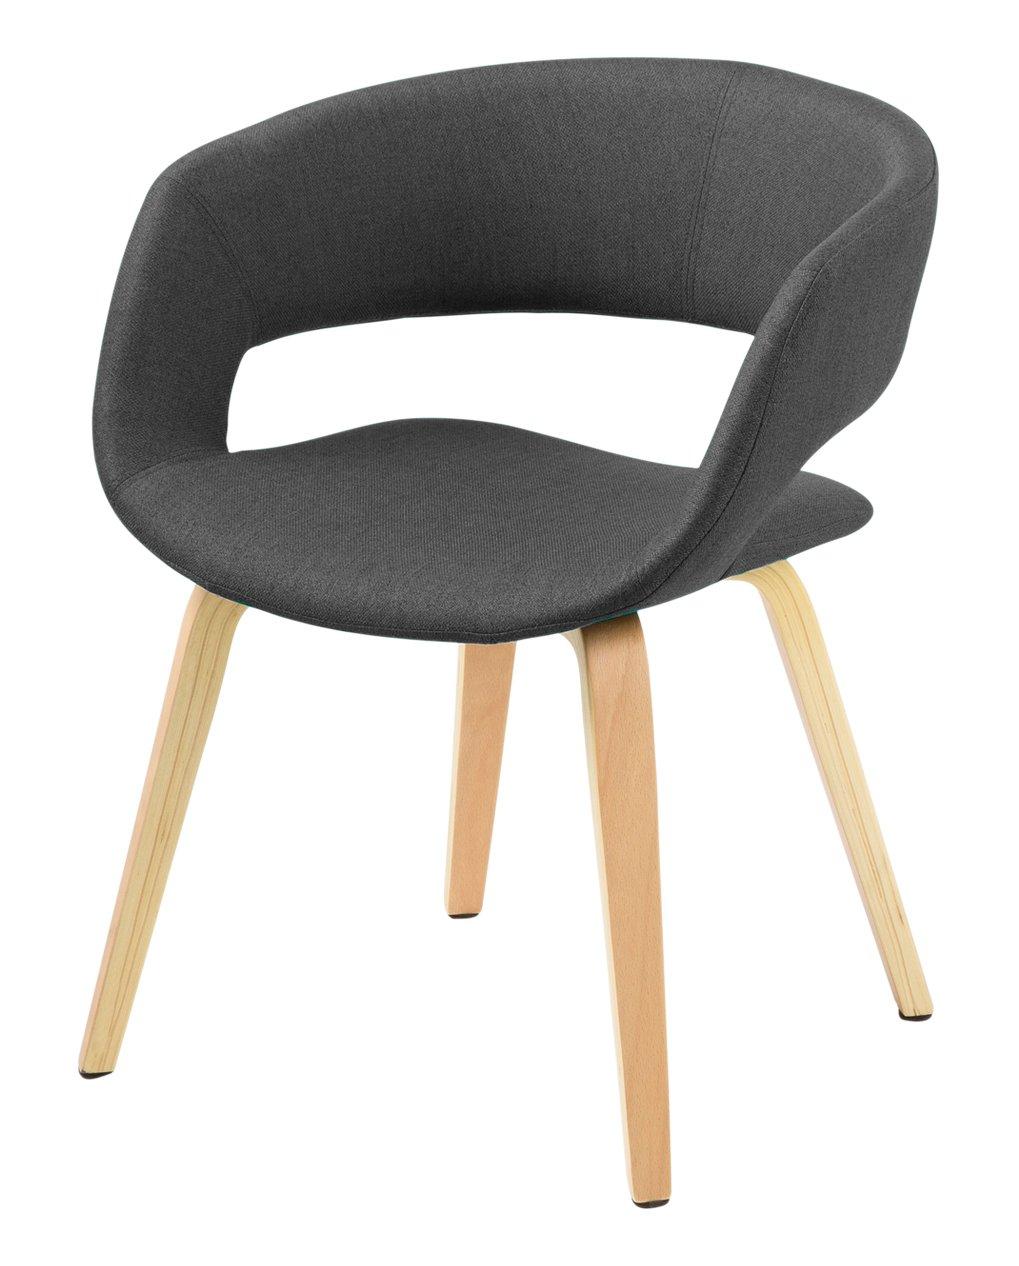 Bezaubernd Esszimmerstühle Grau Stoff Ideen Von Ac Design Furniture 60106 Esszimmerstuhl Jack, Corsica